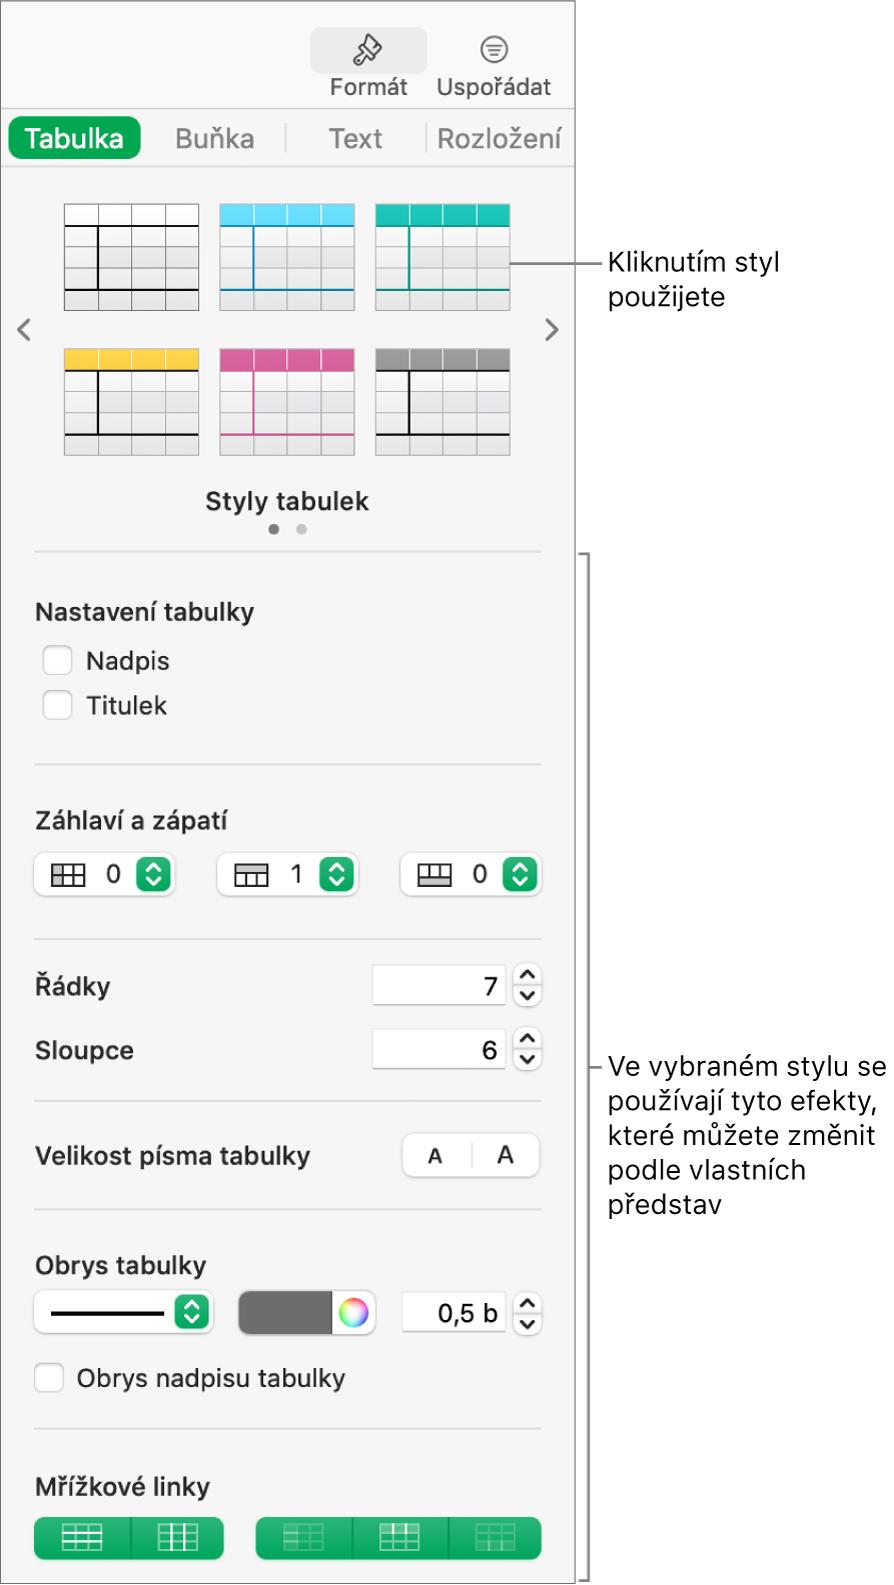 Boční panel Formát se styly tabulek avolbami formátování